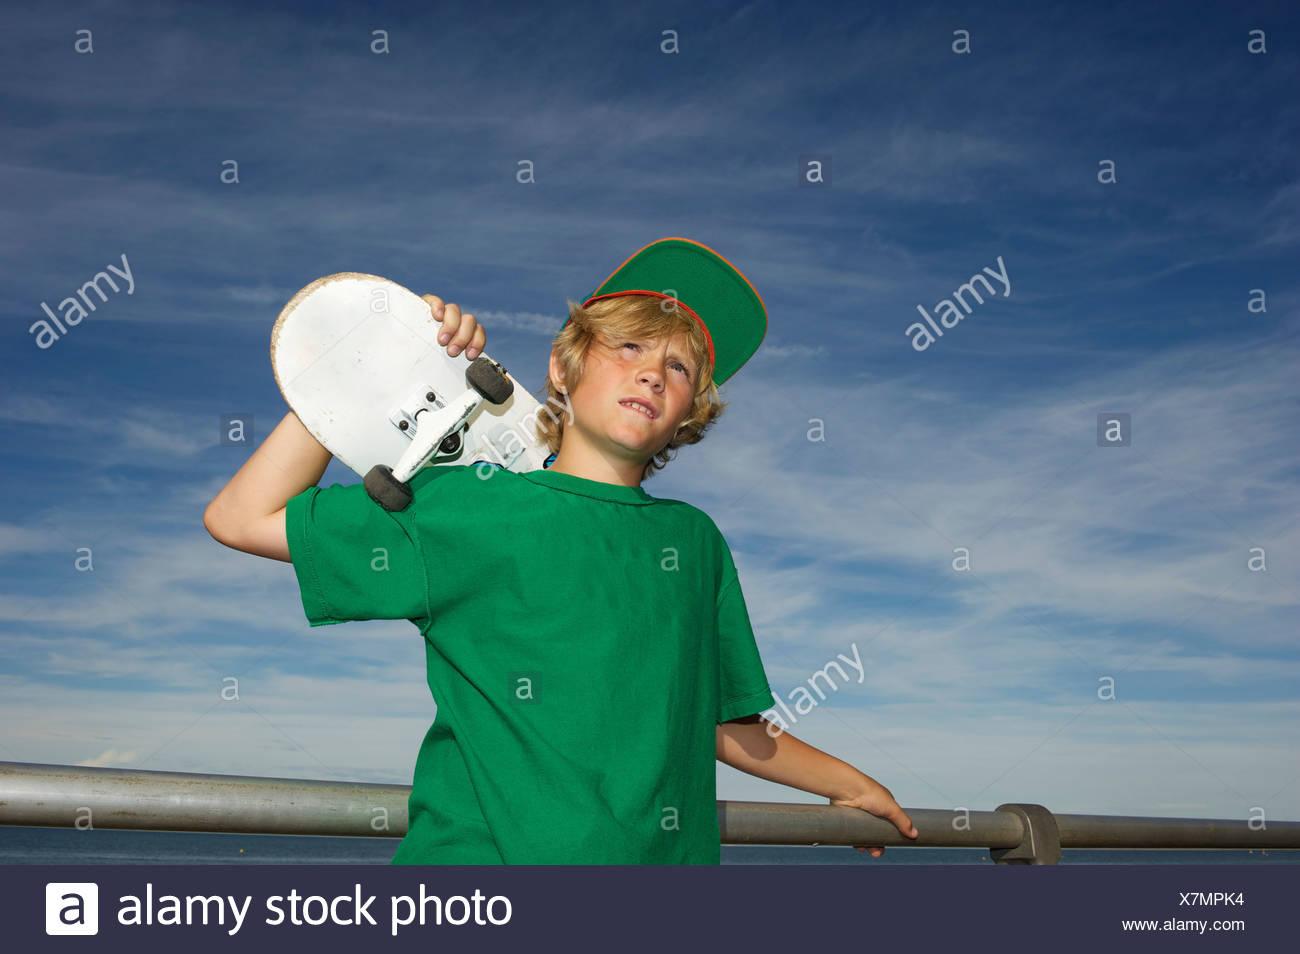 Portrait of boy holding skateboard over shoulder Photo Stock